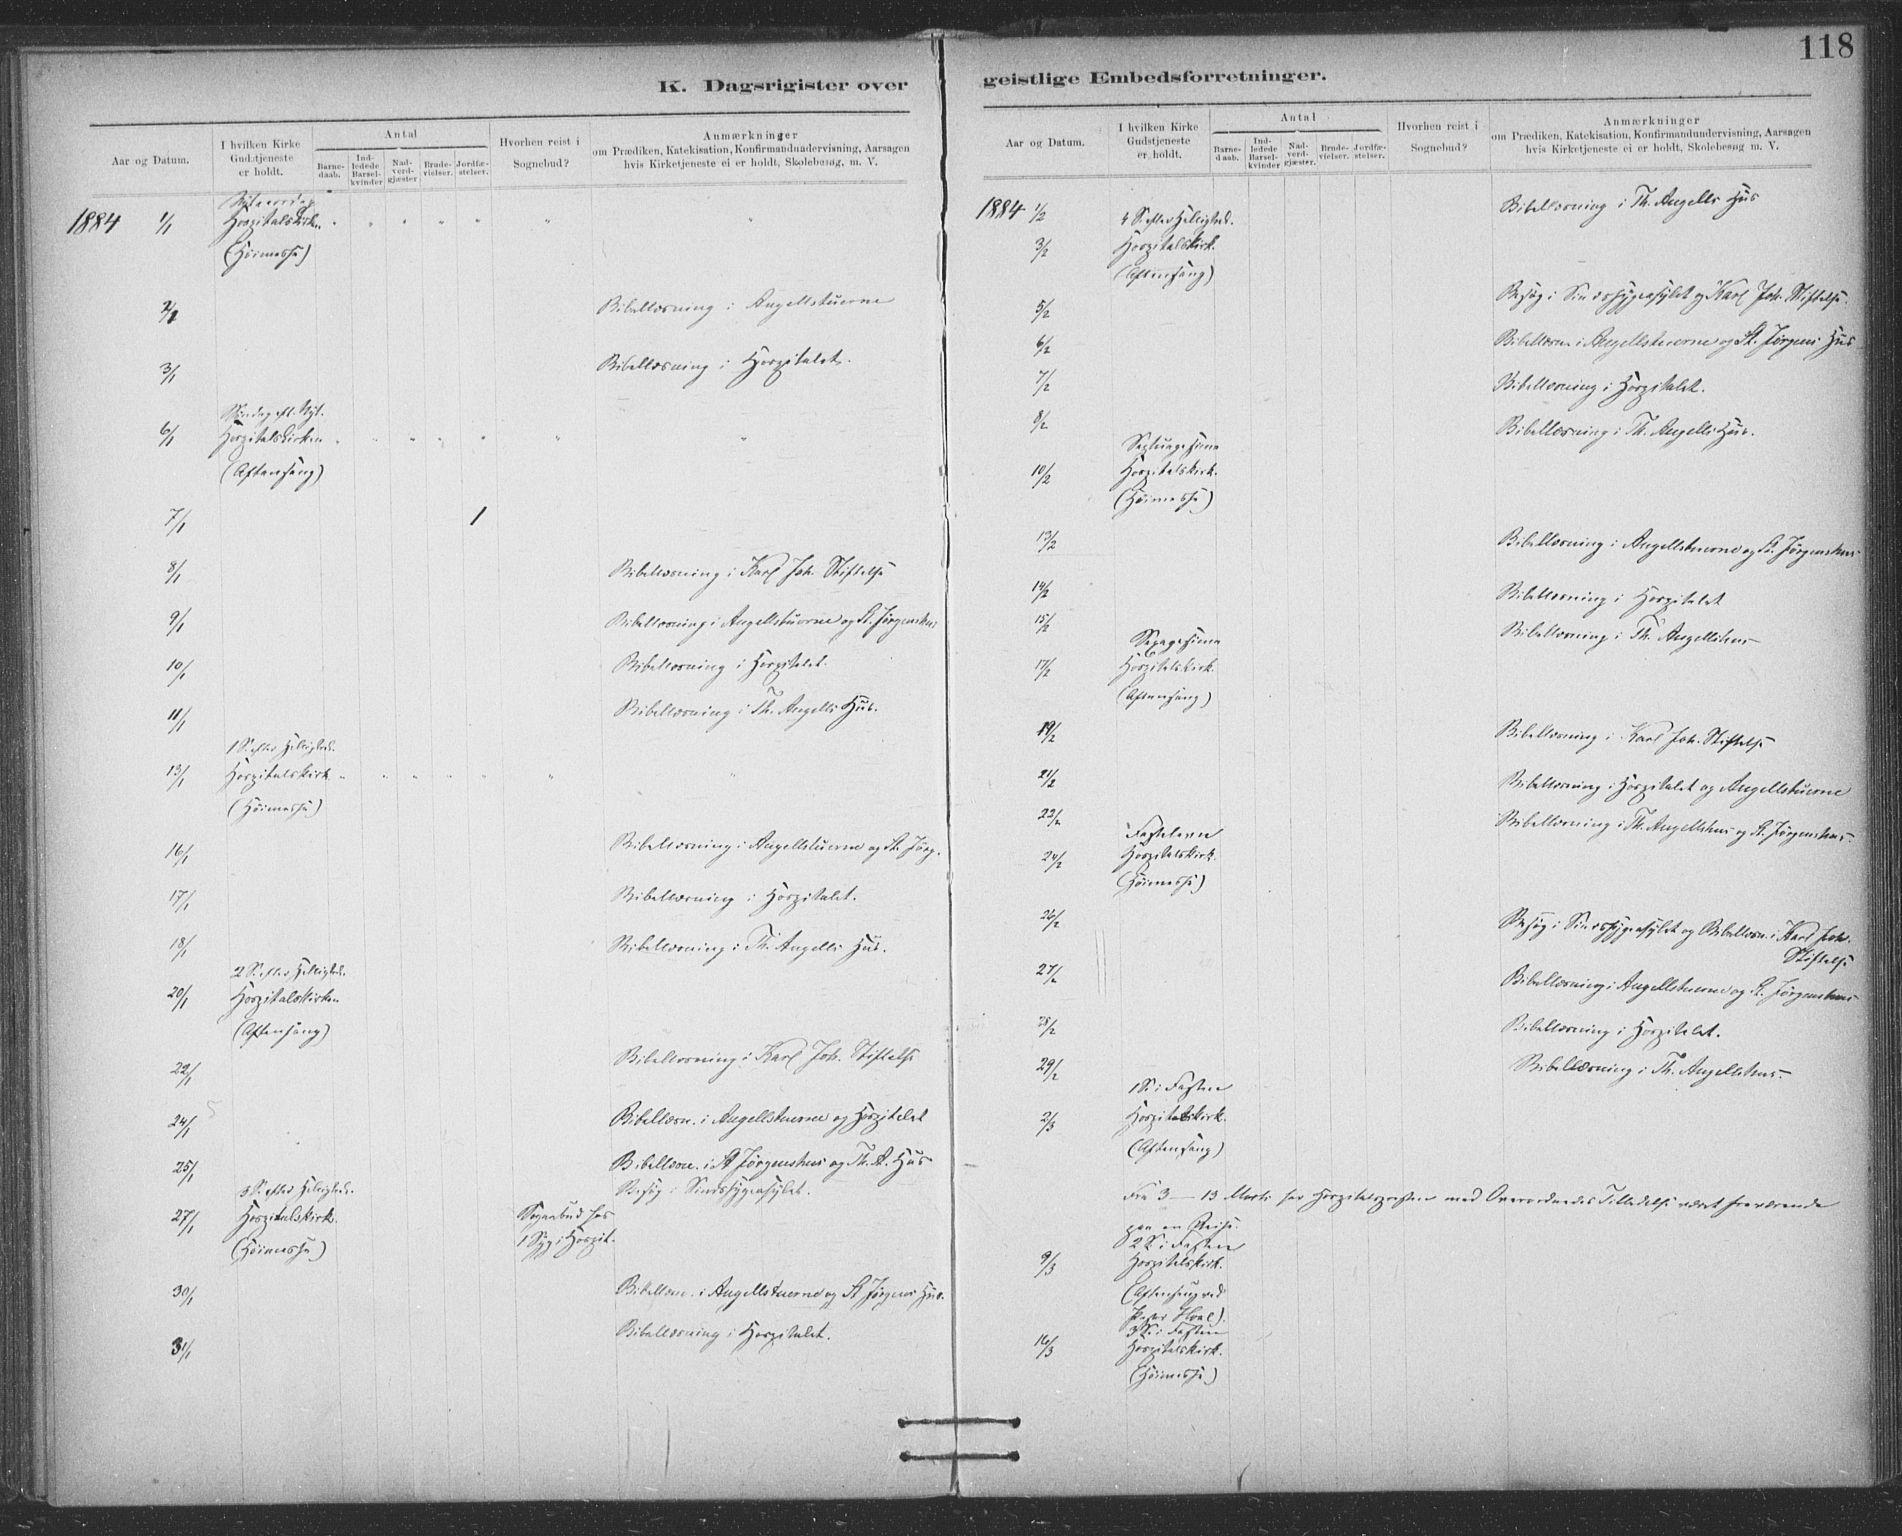 SAT, Ministerialprotokoller, klokkerbøker og fødselsregistre - Sør-Trøndelag, 623/L0470: Ministerialbok nr. 623A04, 1884-1938, s. 118